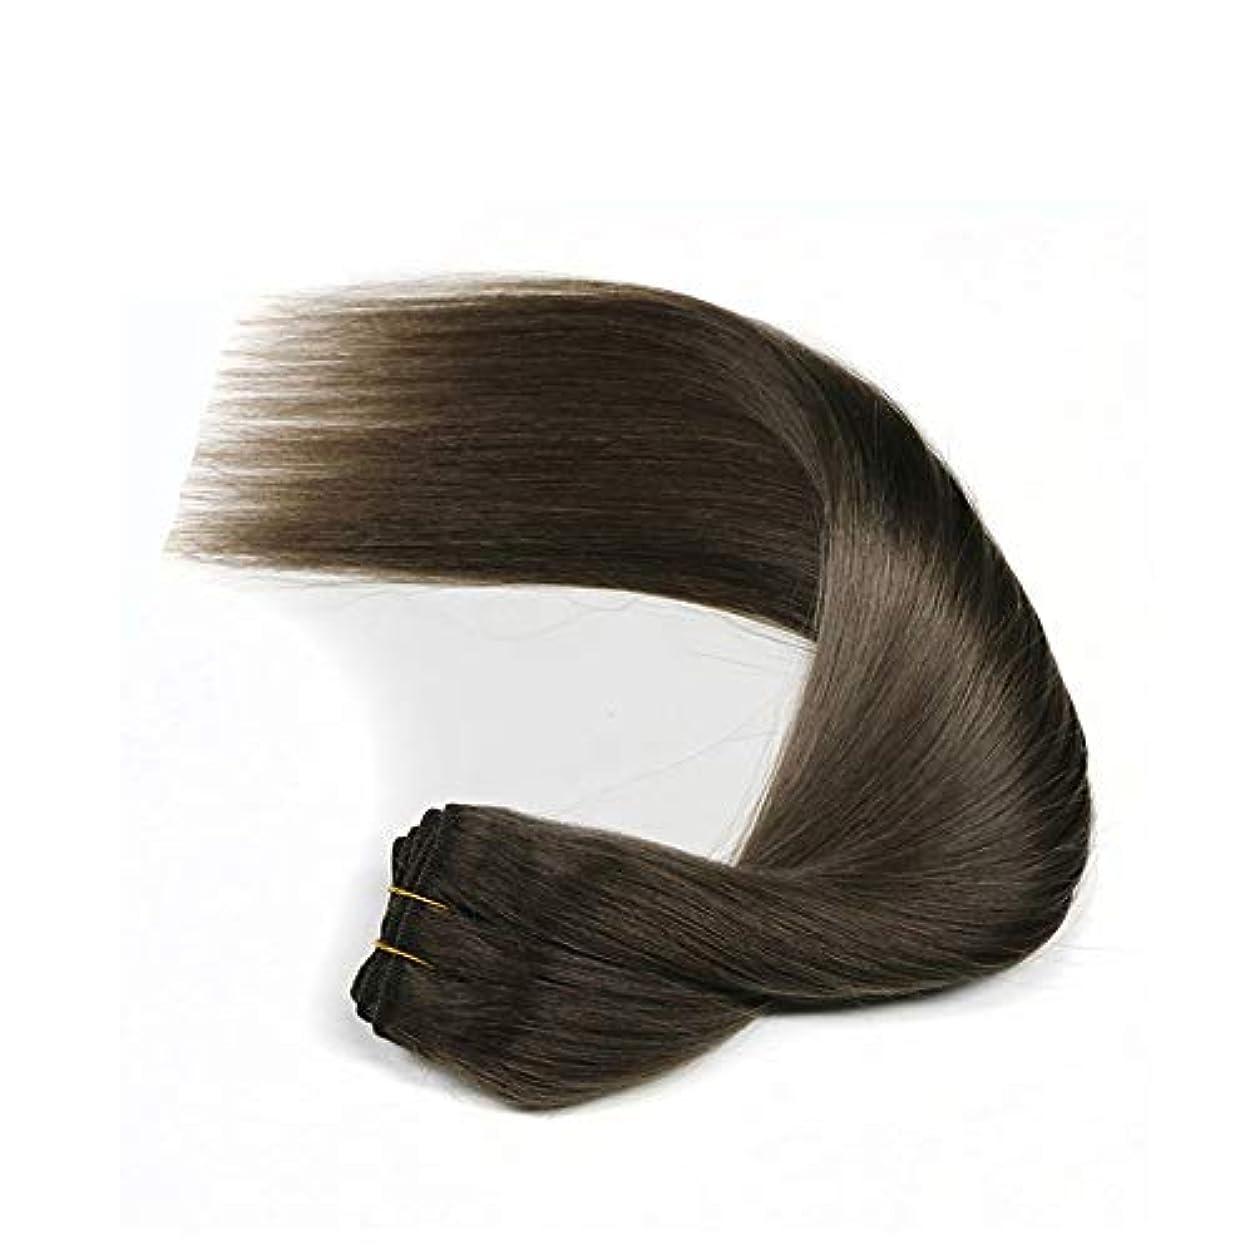 方向宿出版JULYTER 女性のためのブラジルの100%未処理の人間の髪の束ストレートヘア生物学的な黒いSemblance (色 : Natural color, サイズ : 20 inch)